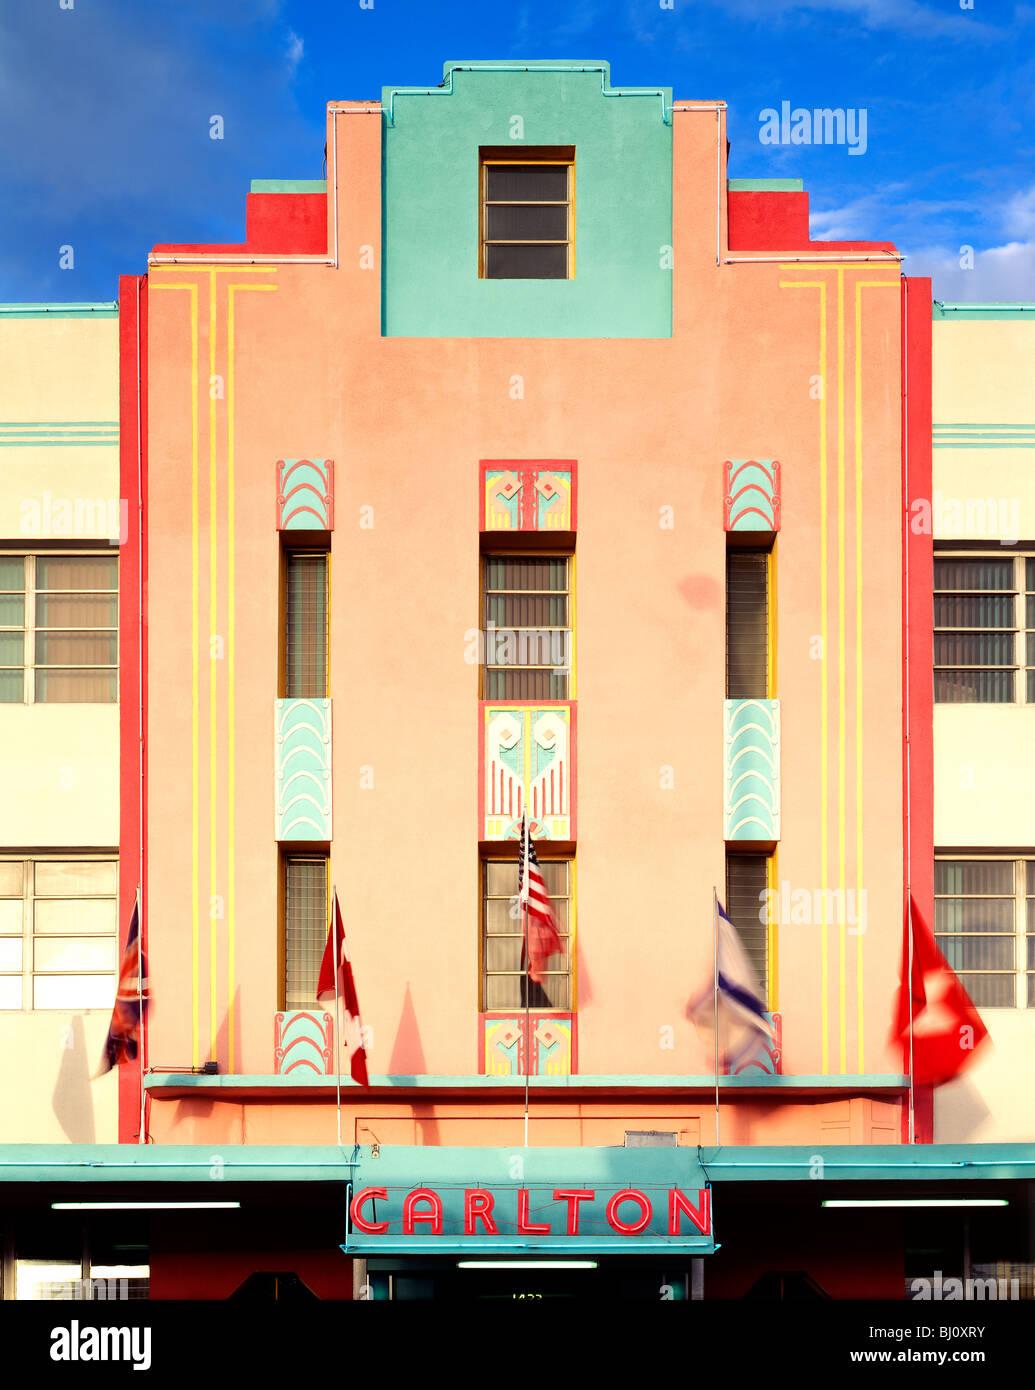 Carlton Hotel edificio de estilo arquitectónico Art Deco en la revitalizada South Beach, Miami, Florida, EE.UU. Foto de stock